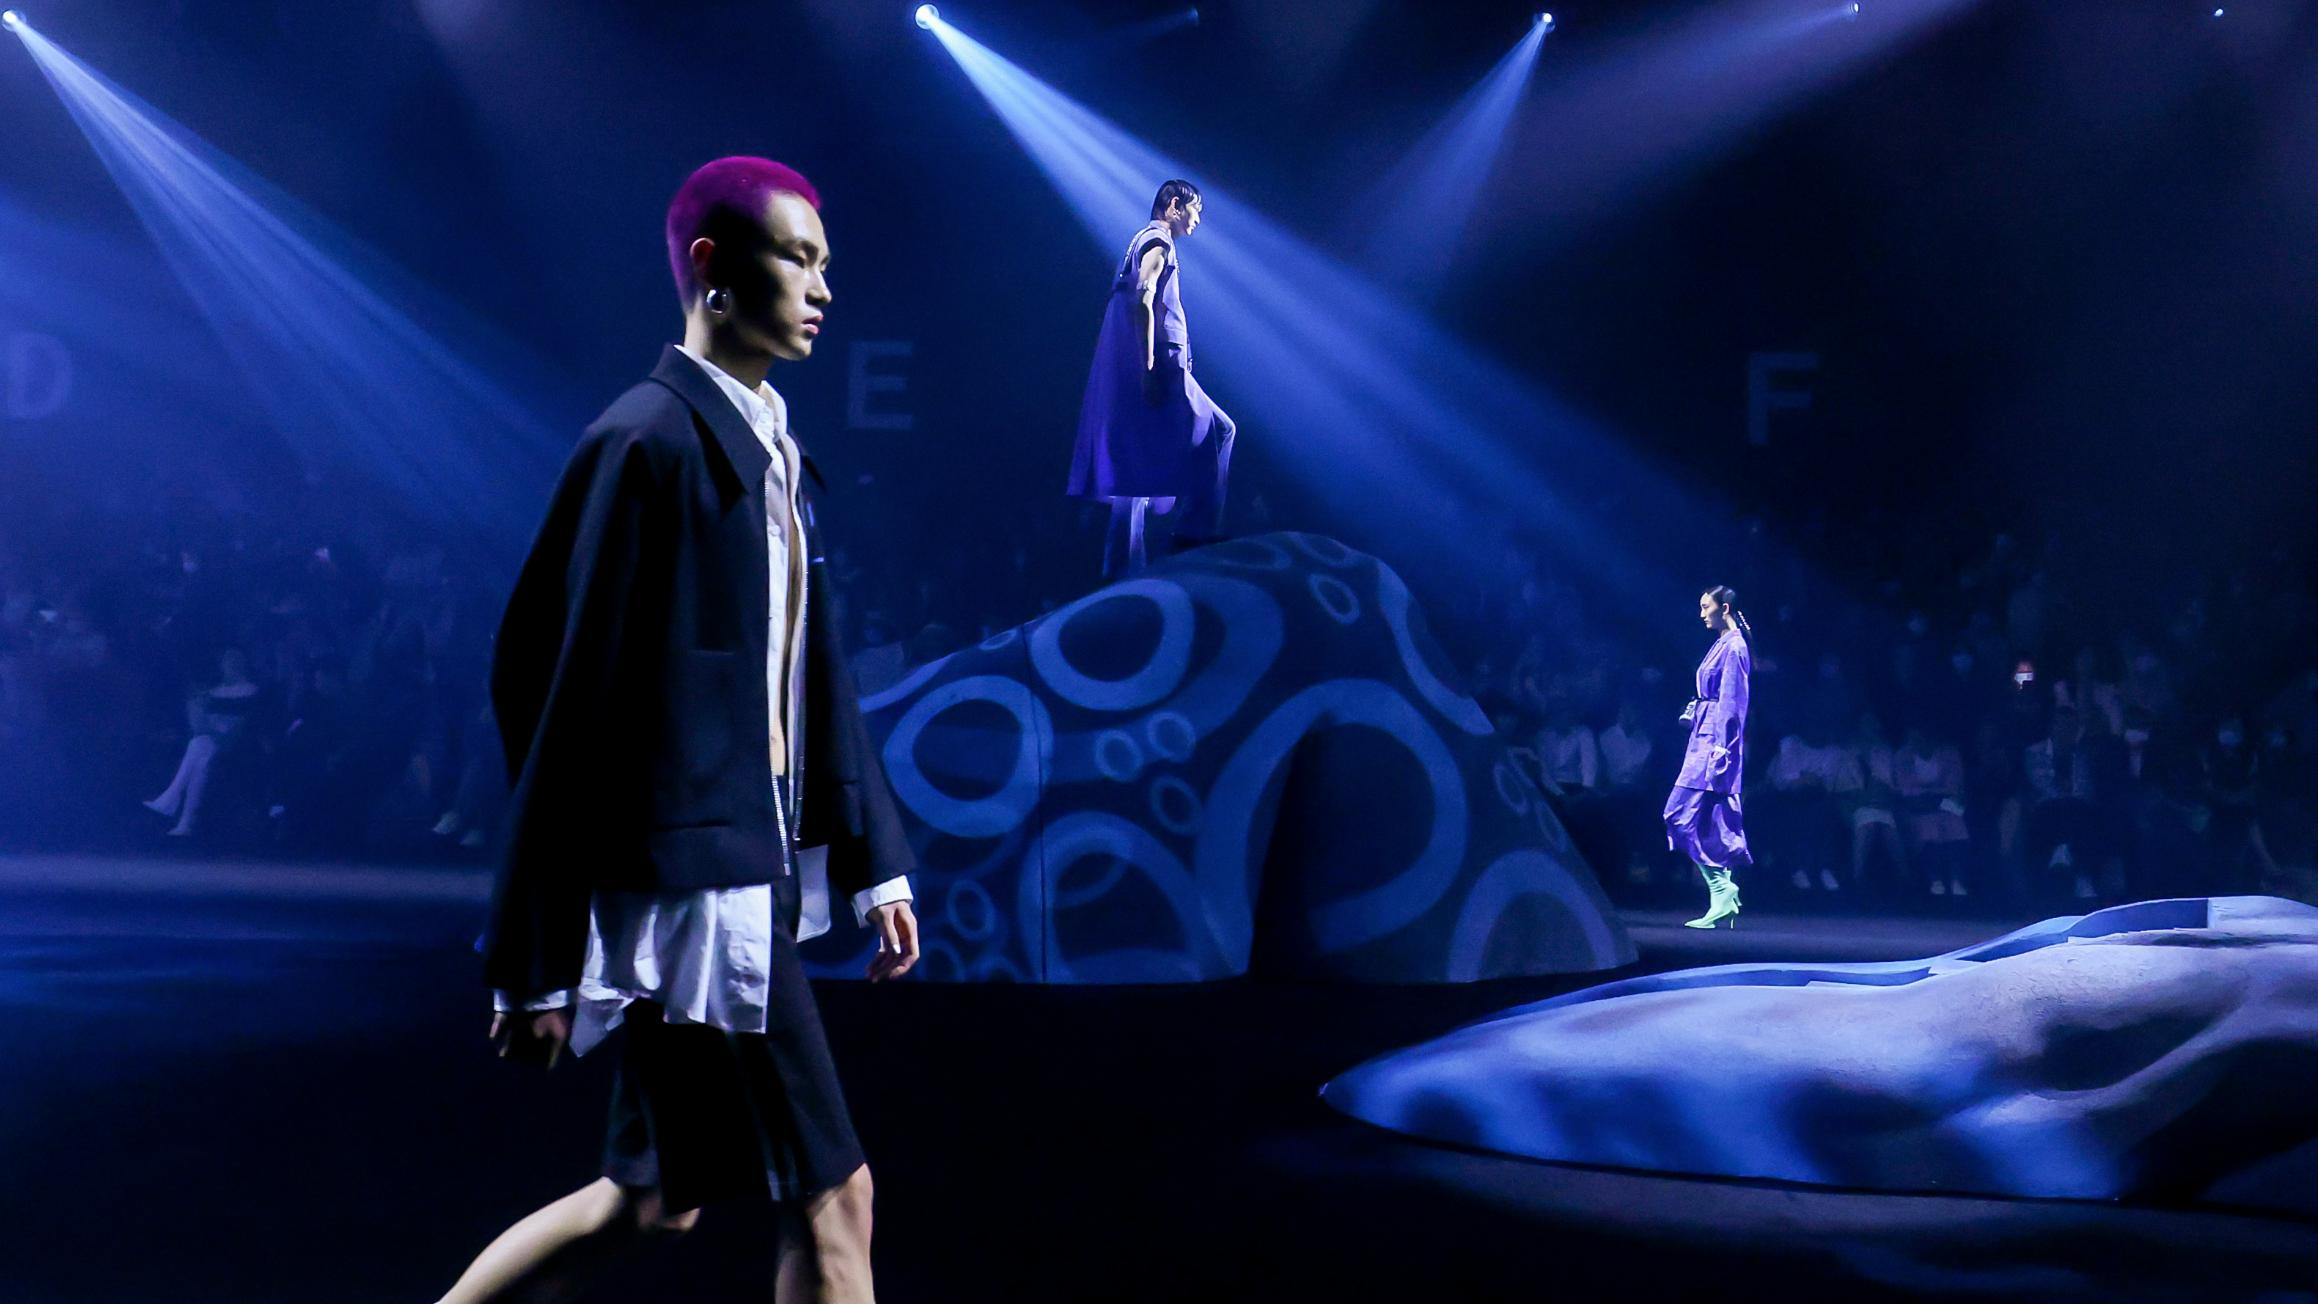 DJFL SS22「異世浮生」上海时装周大秀精彩呈现插图(1)